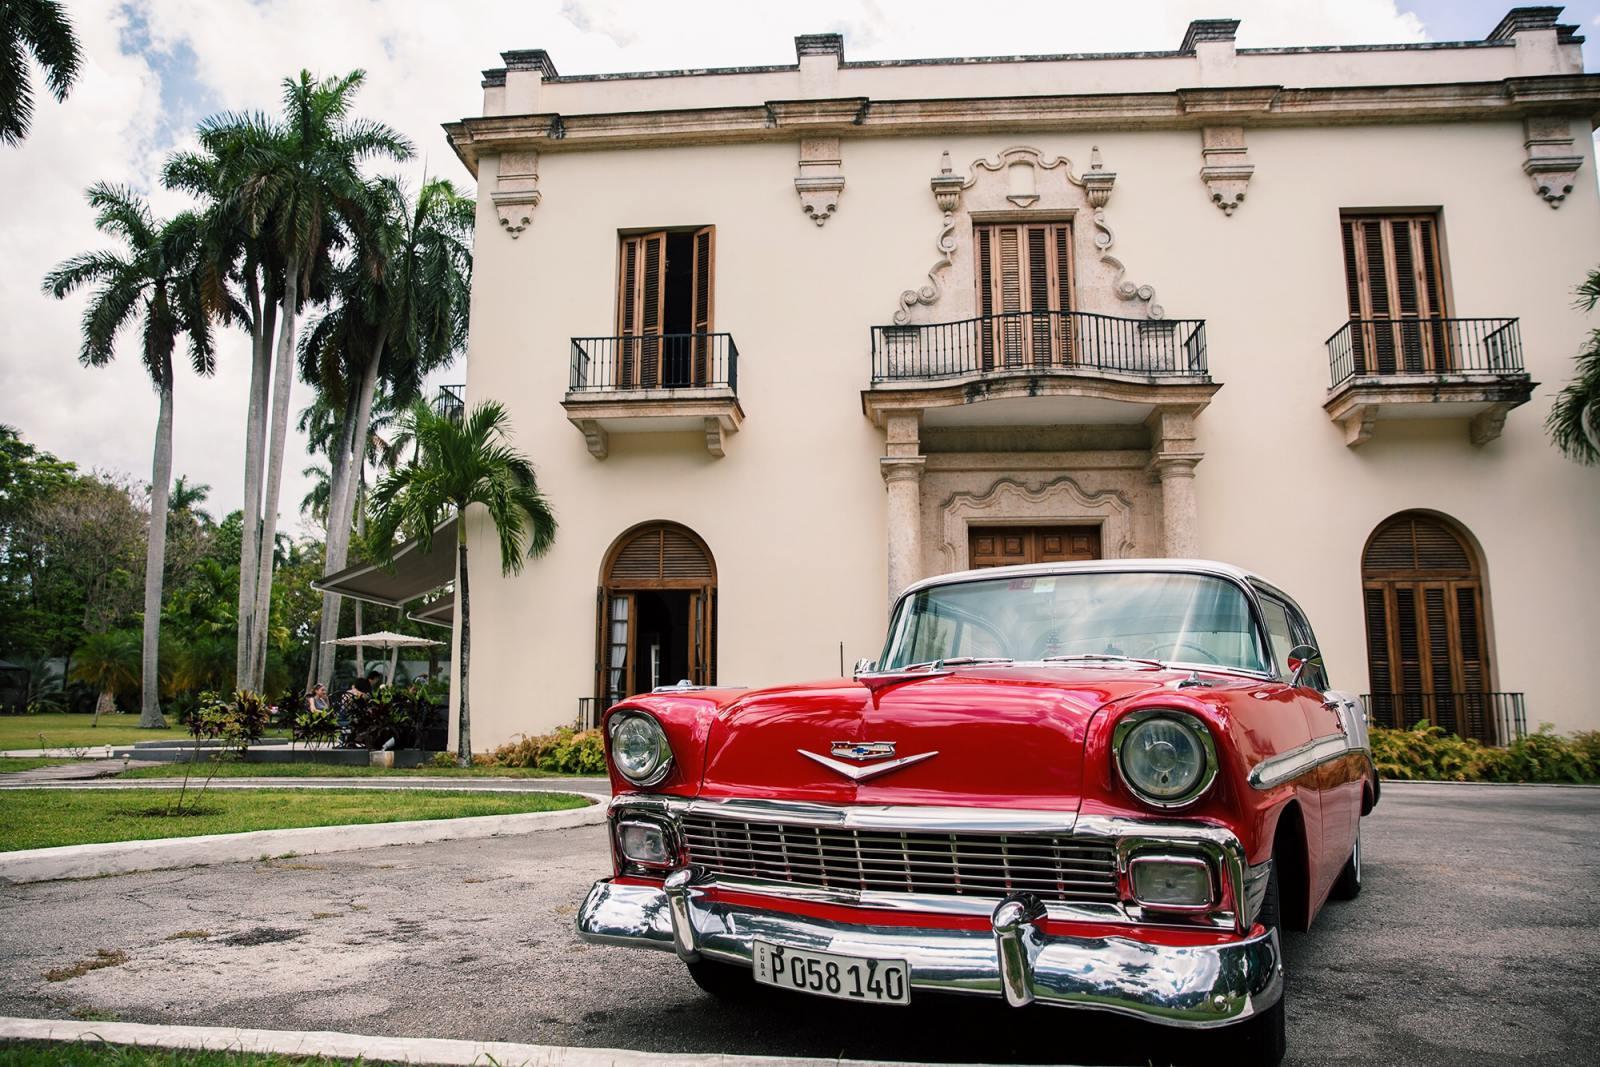 havana-cuba-classic-car